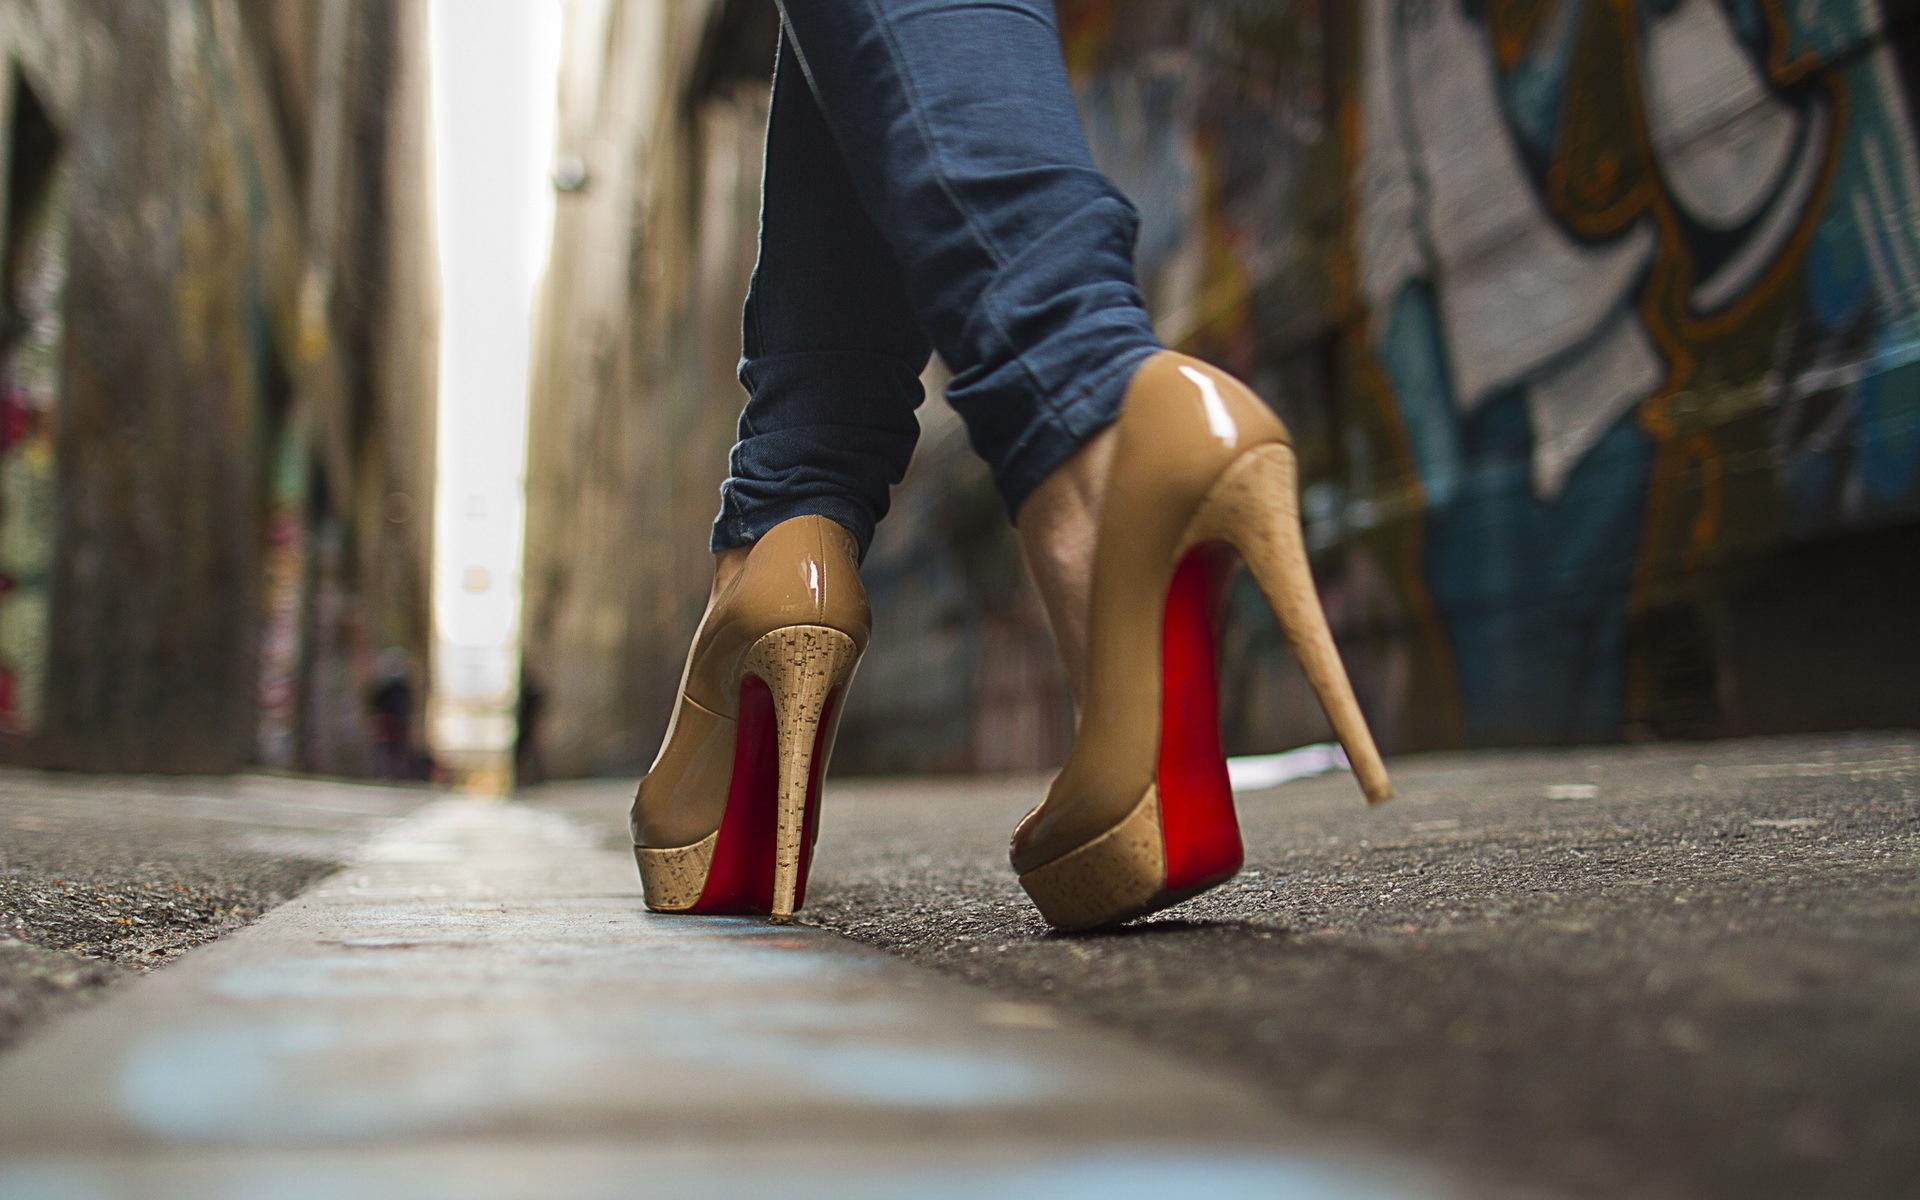 запросу сушилка красивые картинки с обувью язвочек крайней плоти